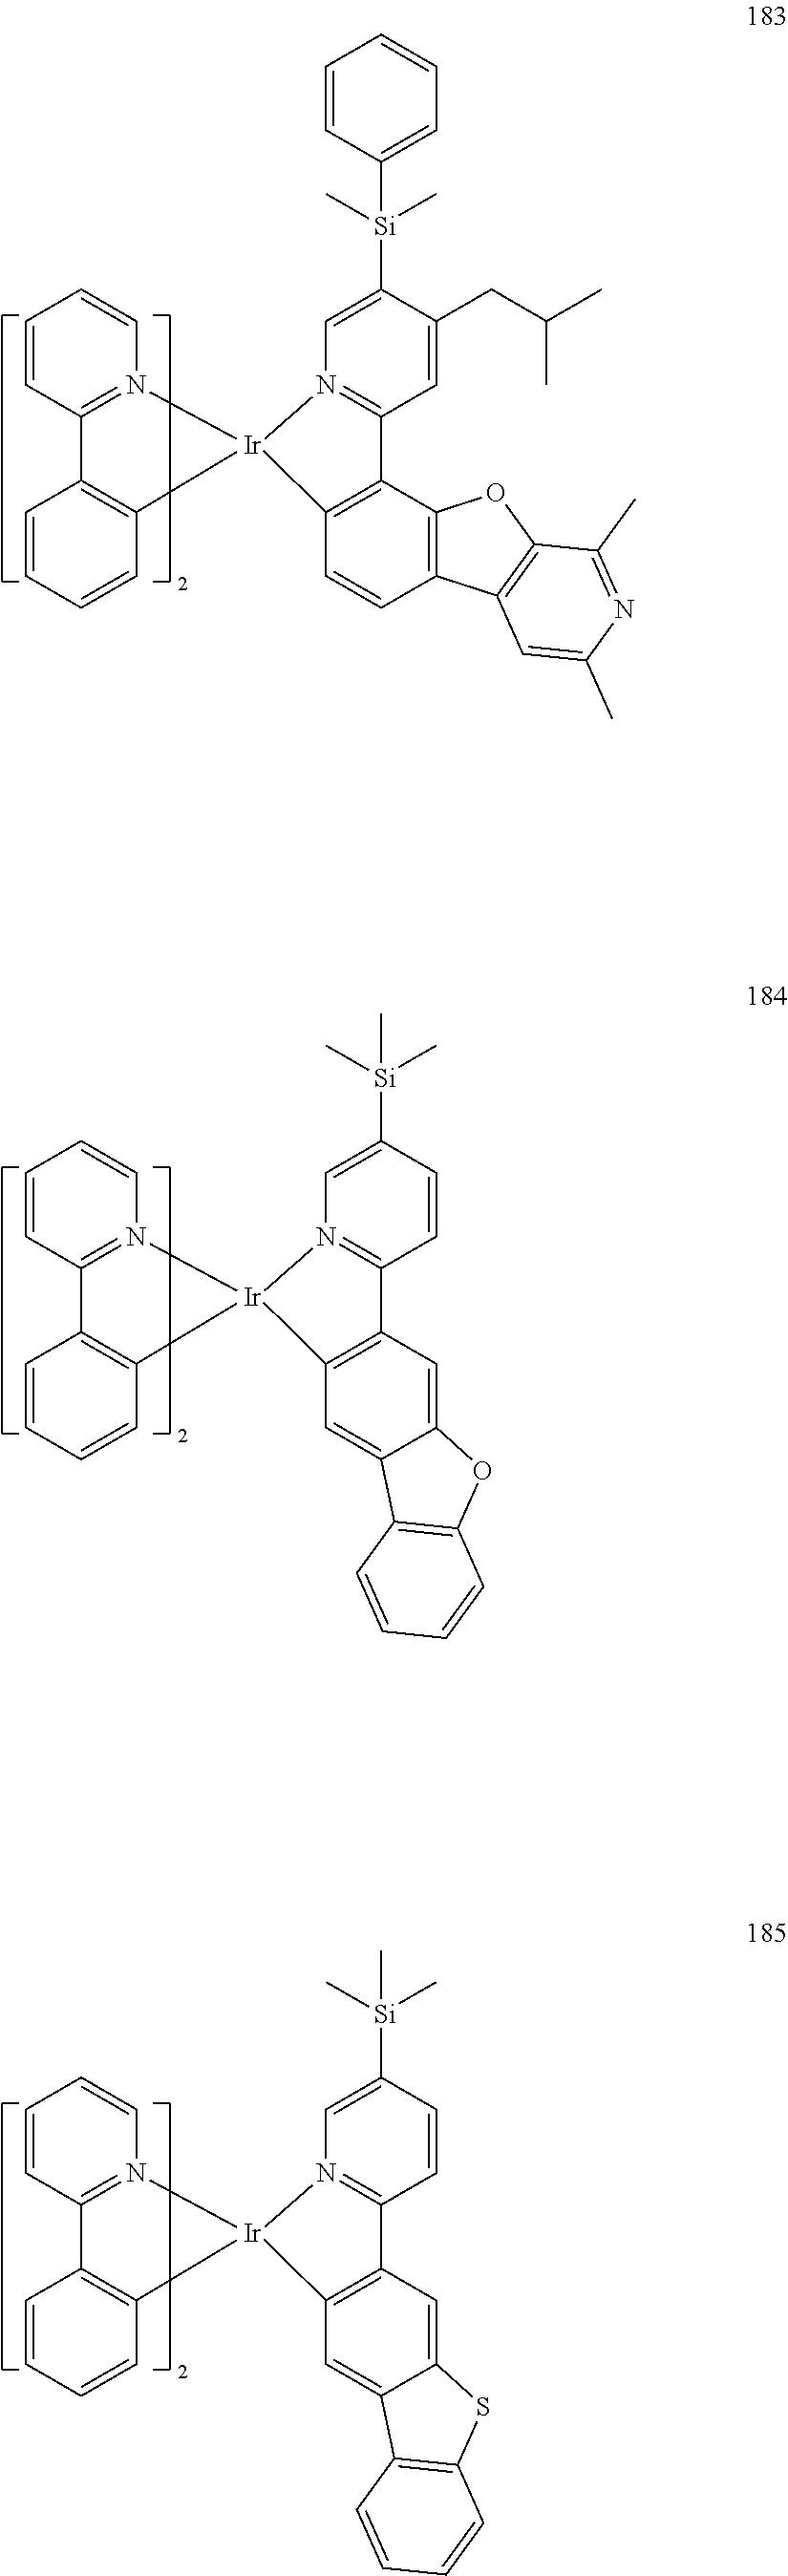 Figure US20160155962A1-20160602-C00114